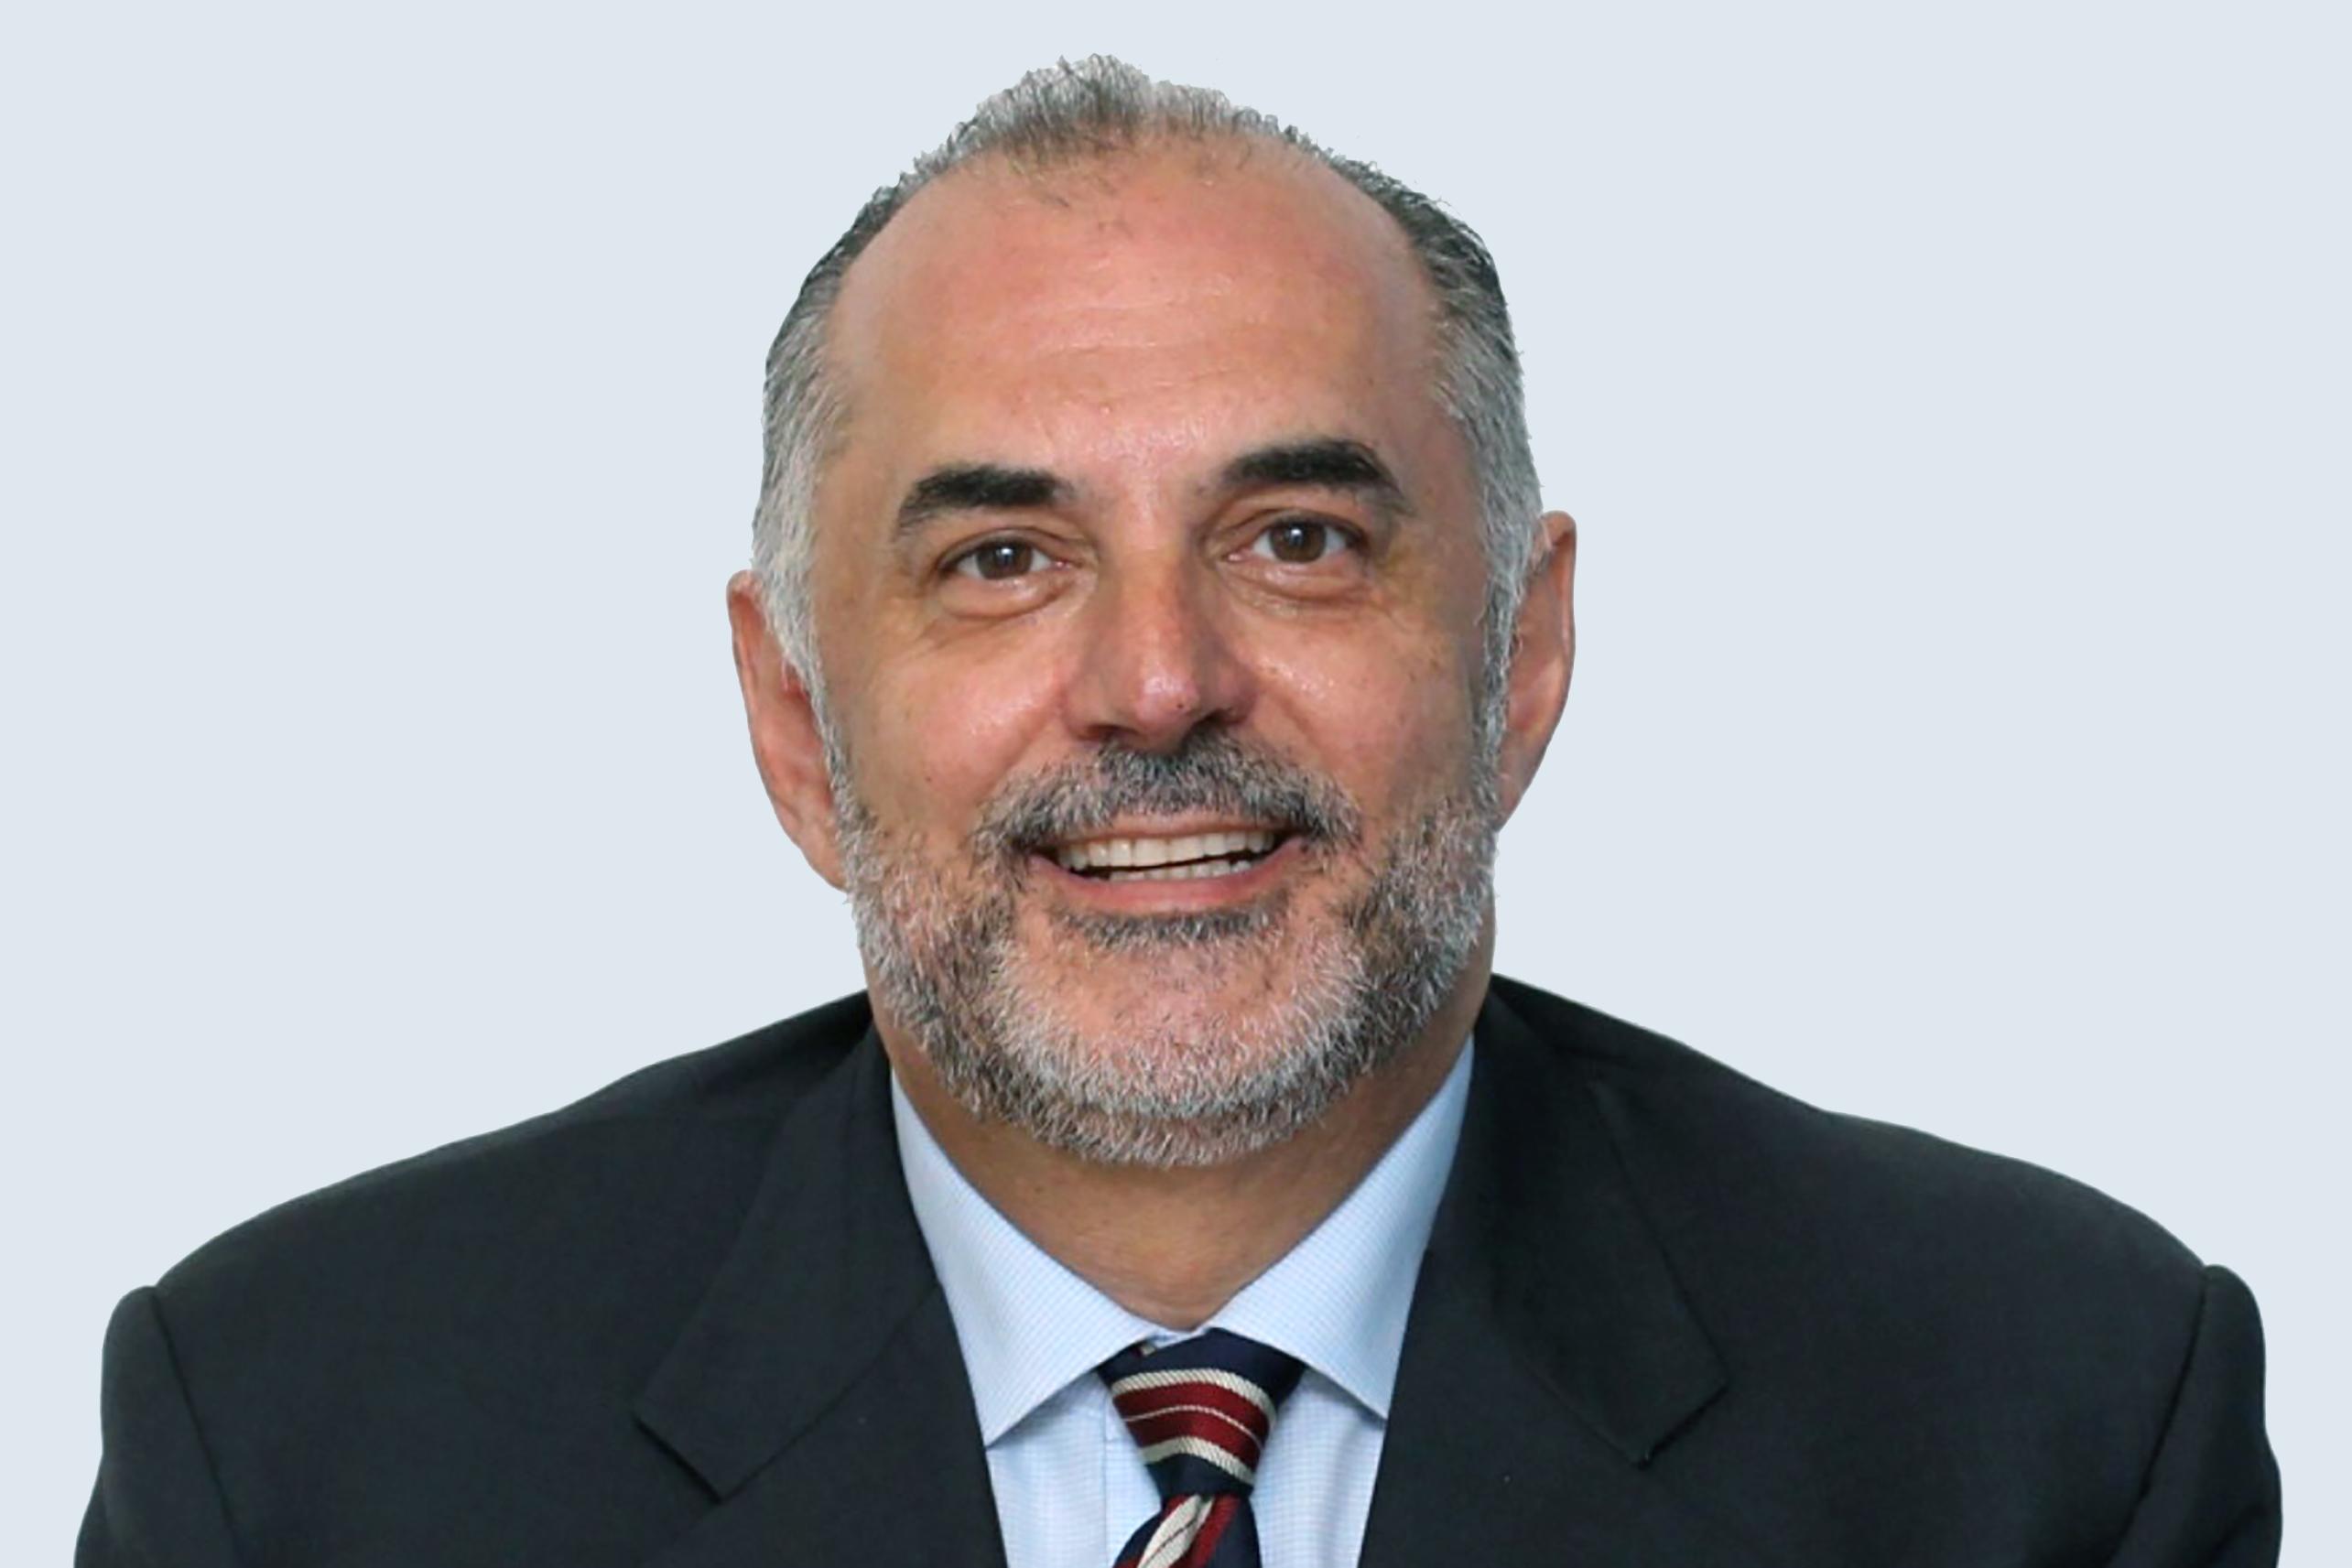 Terry Seremetis neuer Leiter der Geschäftseinheit Konsumgüter